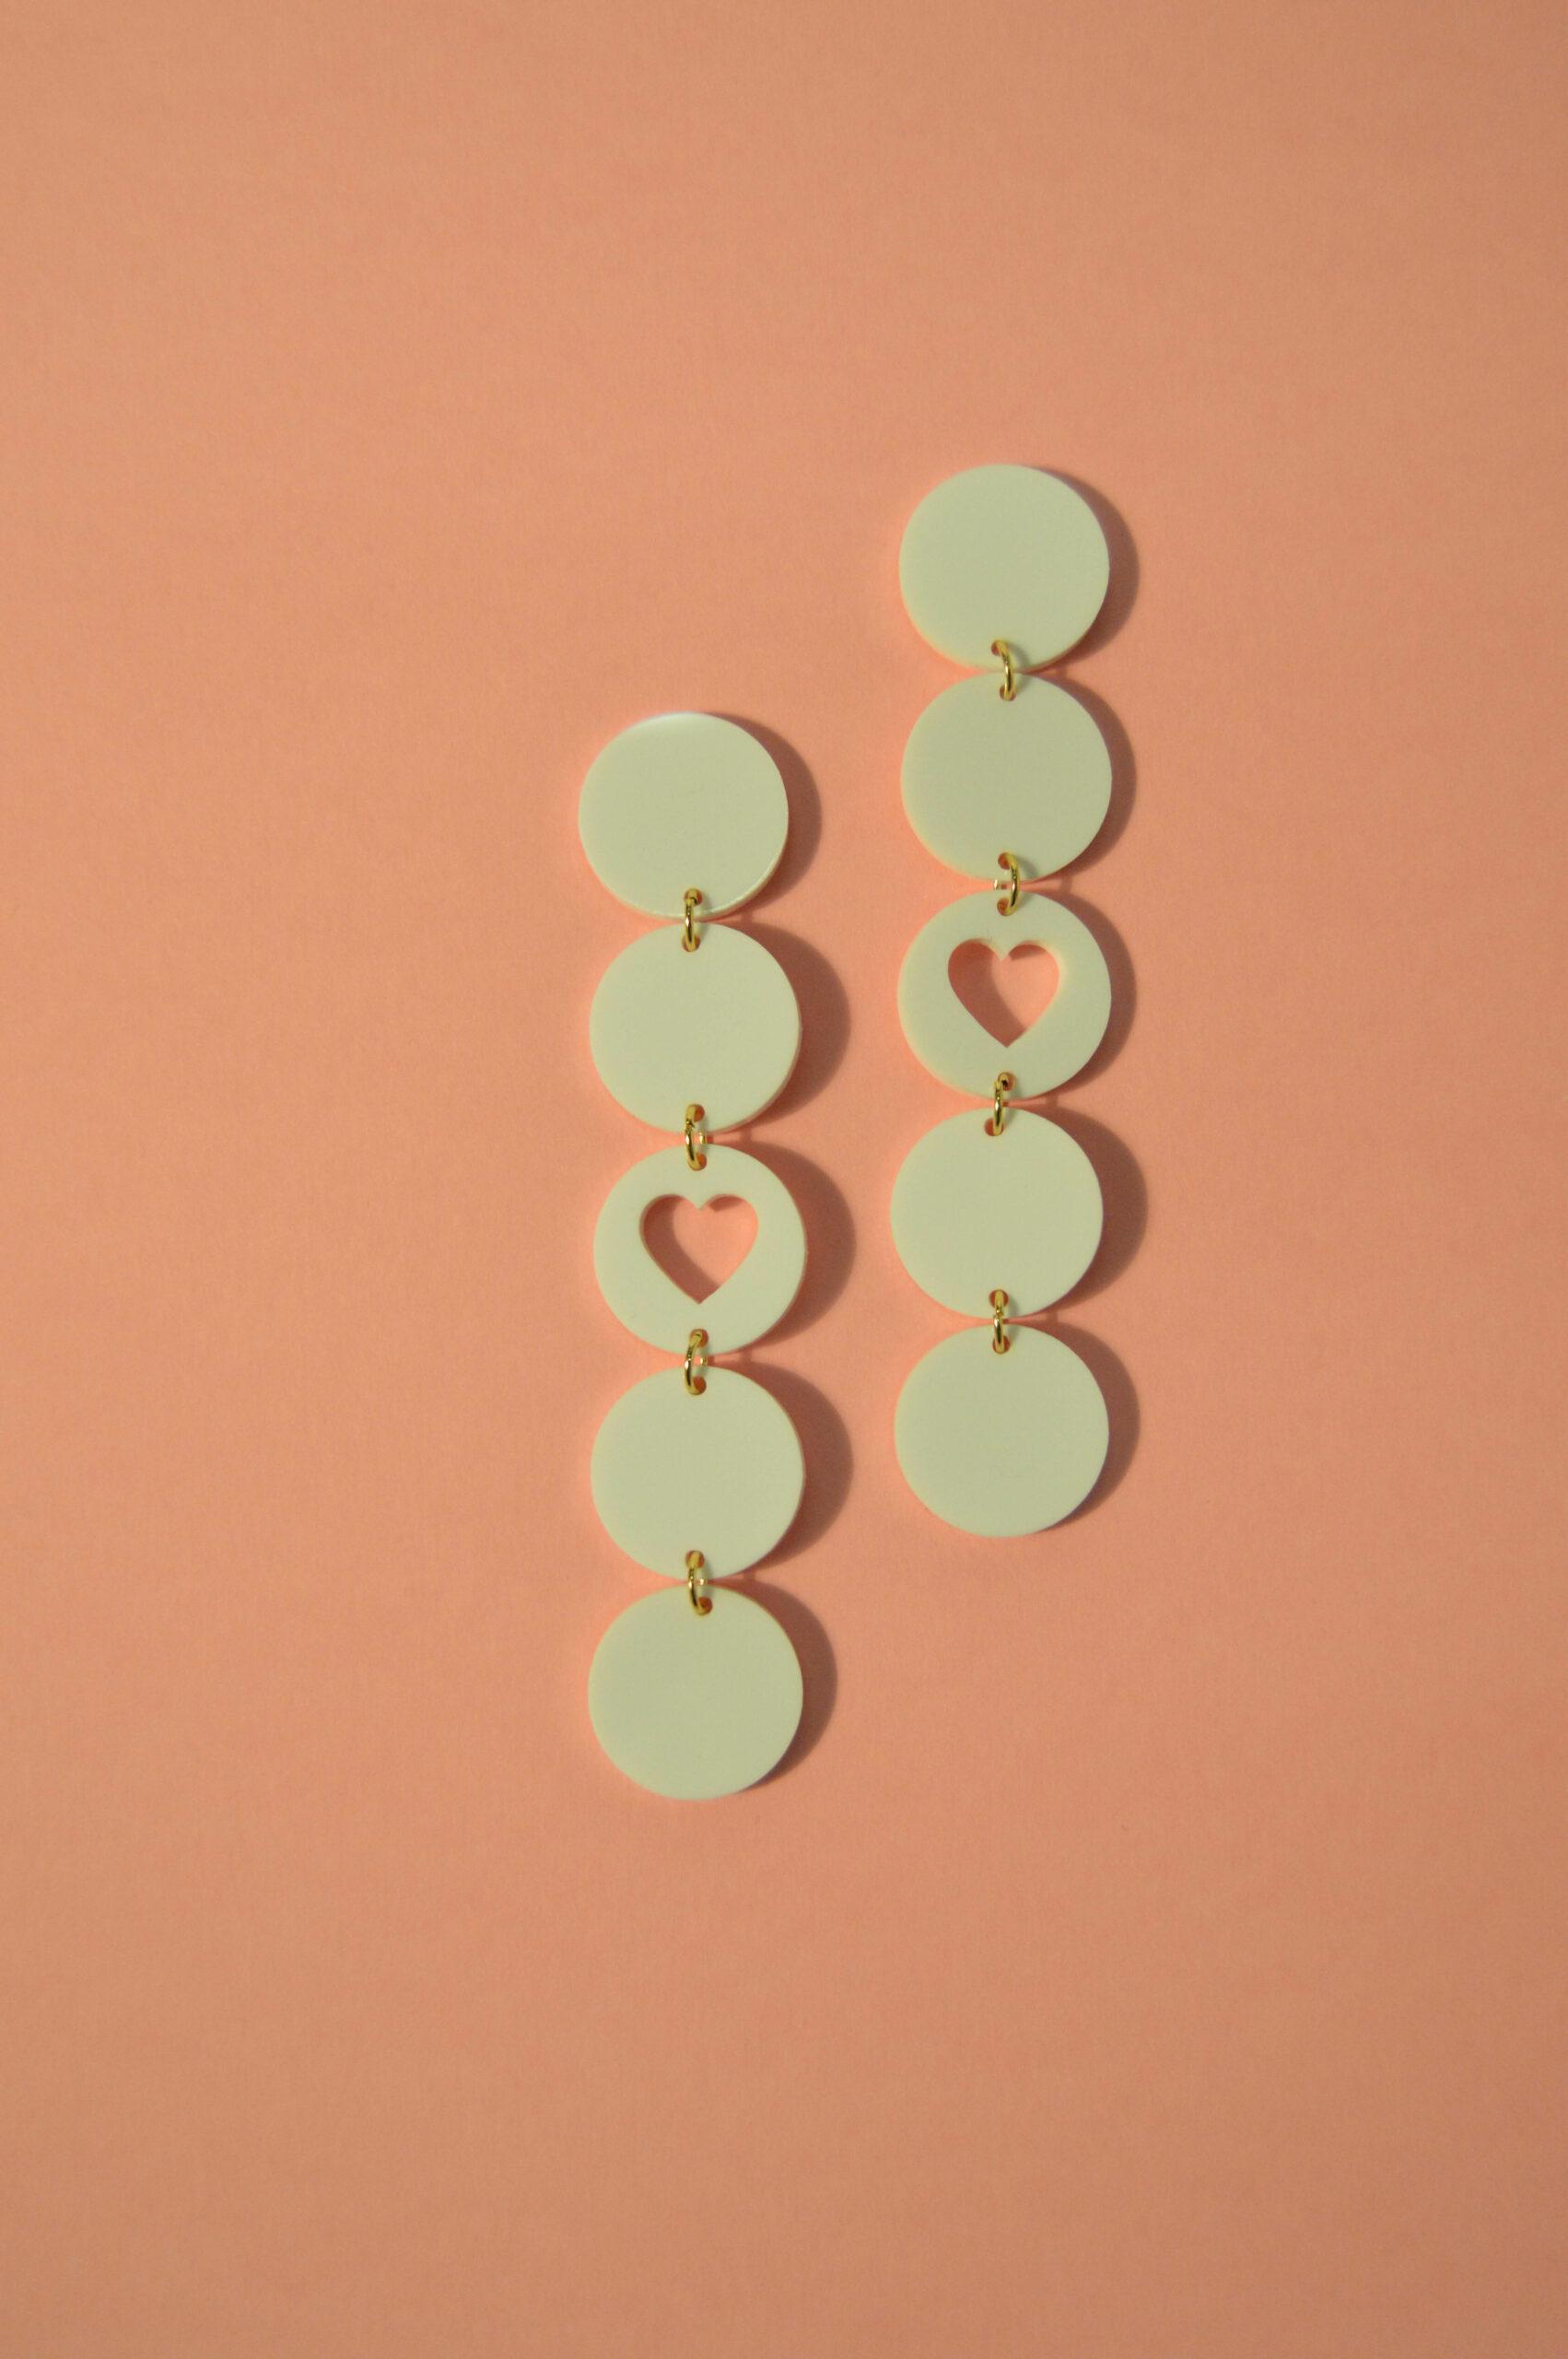 Boucles d'oreilles Paulette Coeur Blanche - KITX Laboratoire d'excentricité